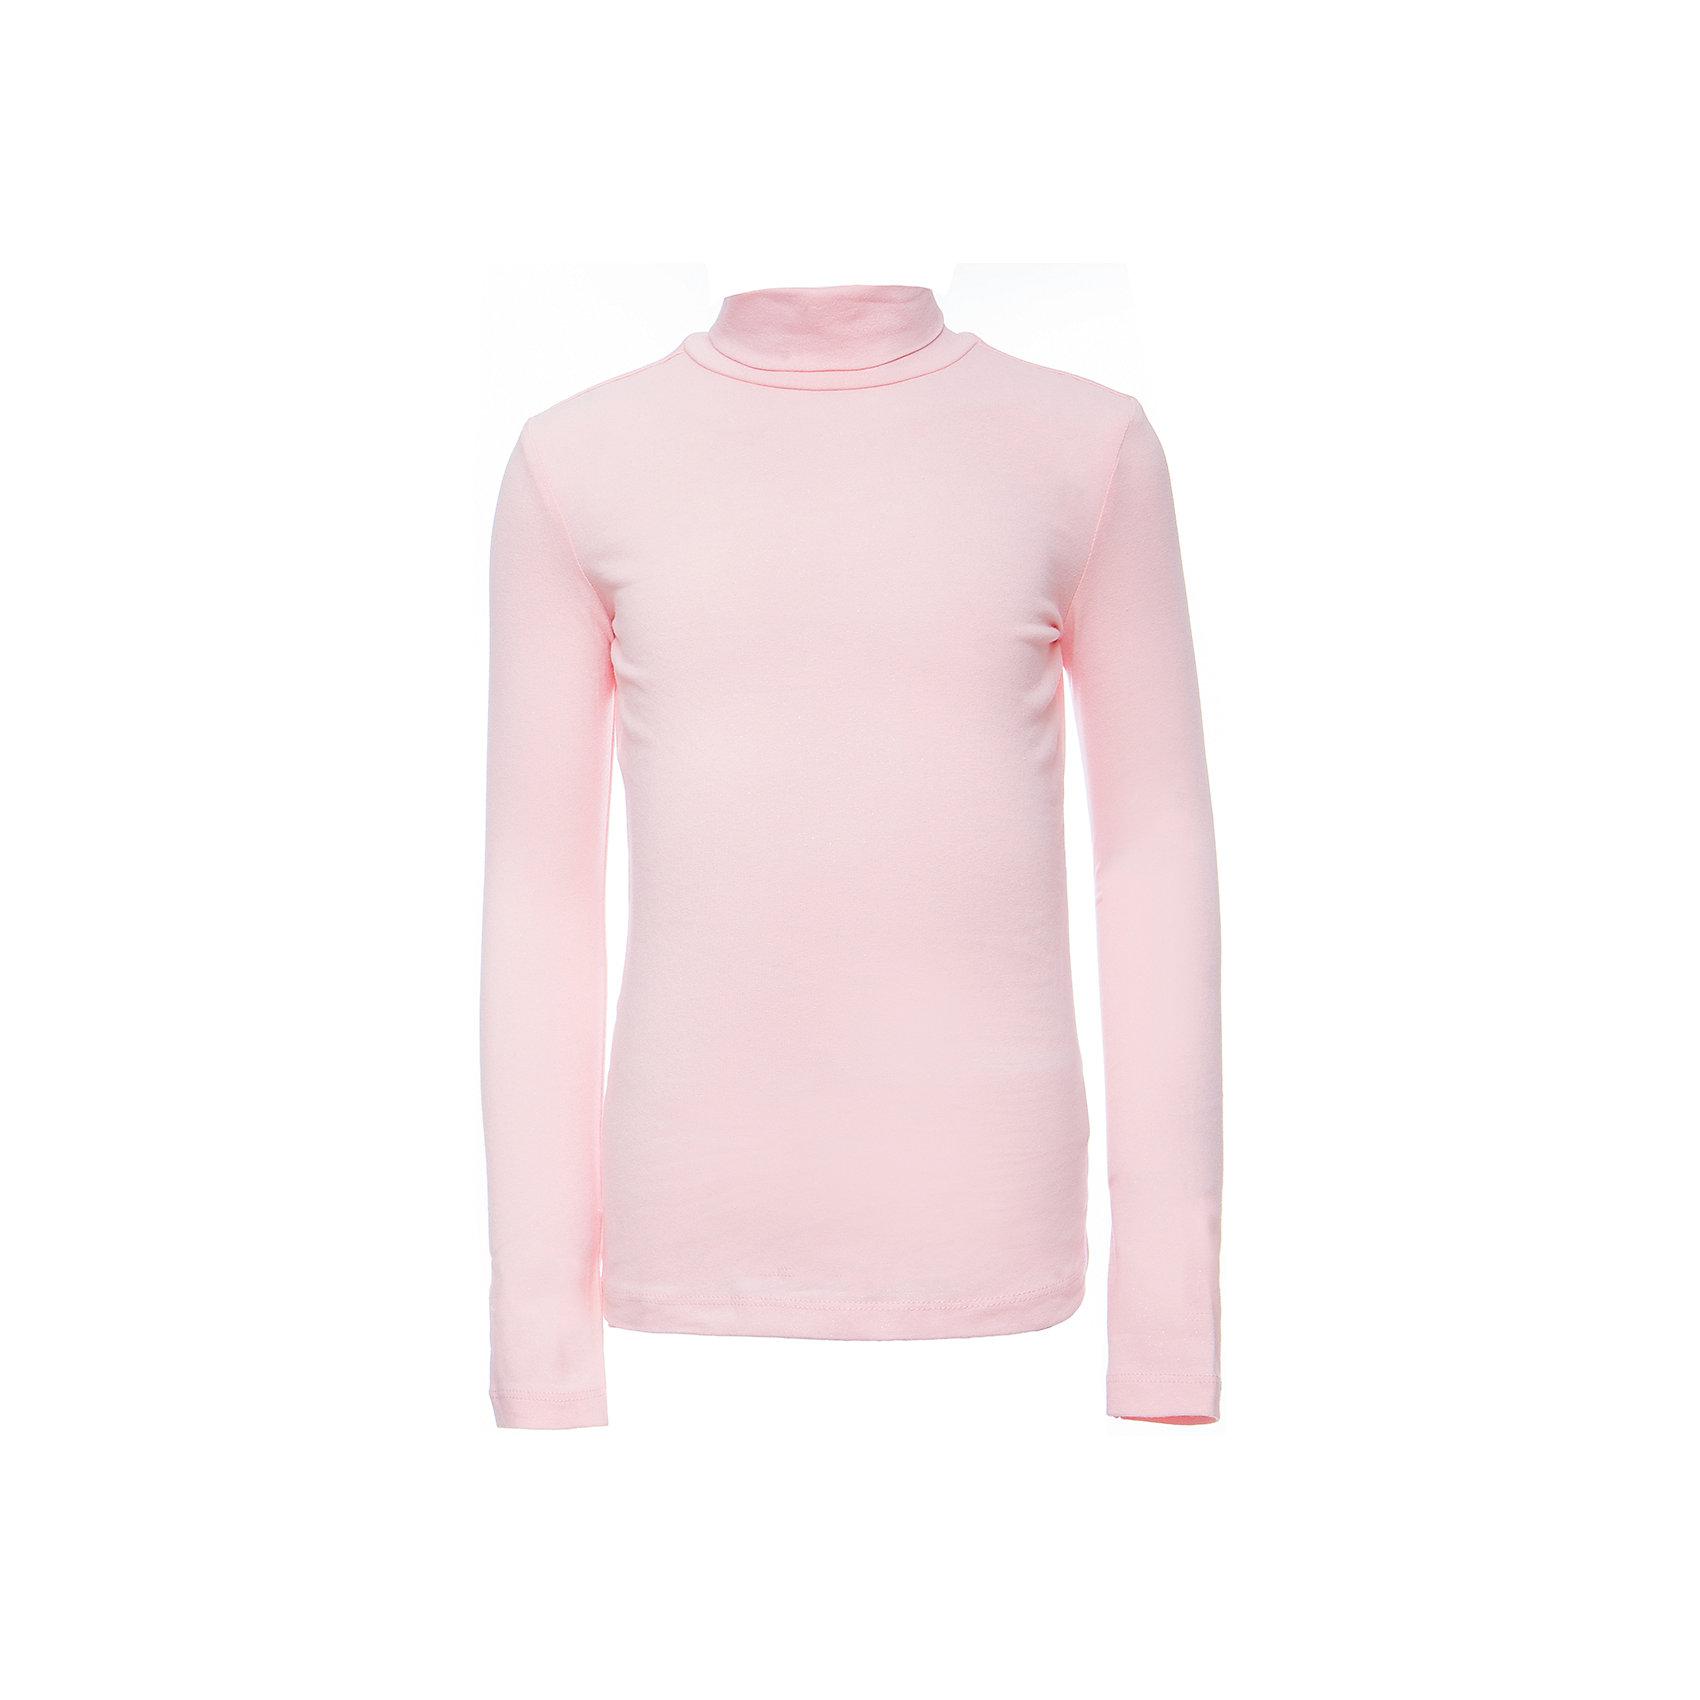 Джемпер SELA для девочкиВодолазки<br>Характеристики товара:<br><br>• цвет: розовый<br>• состав ткани: 95% хлопок, 5% ПУ<br>• сезон: демисезон<br>• длинные рукава<br>• страна бренда: Россия<br>• страна производства: Индия<br><br>Розовая водолазка для девочки отличается хорошим качеством и доступной ценой. Модели одежды от Sela стильные и удобные, как и эта детская водолазка. Трикотажная однотонная водолазка для девочки - базовая вещь для гардероба. Водолазка для девочки сделана из дышащего хлопкового трикотажа.<br><br>Водолазку для девочки Sela (Села) можно купить в нашем интернет-магазине.<br><br>Ширина мм: 190<br>Глубина мм: 74<br>Высота мм: 229<br>Вес г: 236<br>Цвет: розовый<br>Возраст от месяцев: 132<br>Возраст до месяцев: 144<br>Пол: Женский<br>Возраст: Детский<br>Размер: 152,122,128,134,140,146<br>SKU: 7035413